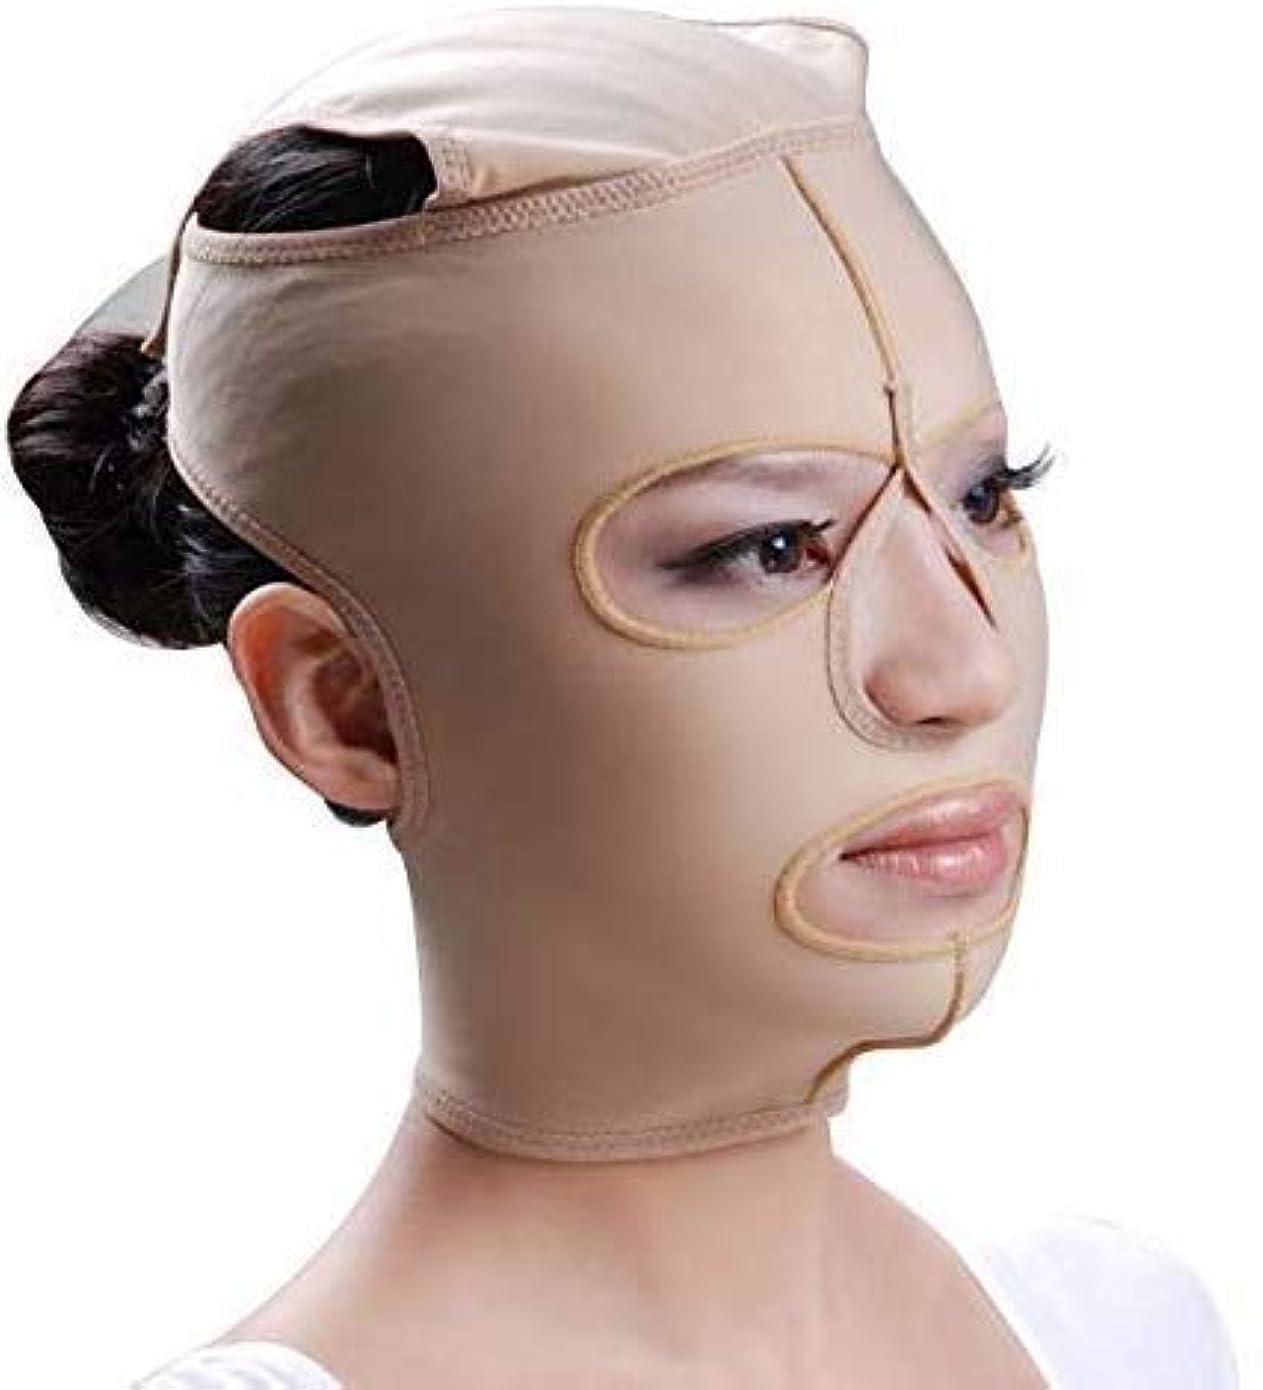 キャビン委任に勝るスリミングVフェイスマスク、ファーミングフェイスマスク、フェイシャルマスク弾性フェイスリフティングリフティングファーミングパターンマイクロフィニッシングポストモデリングコンプレッションフェイスマスク(サイズ:M)